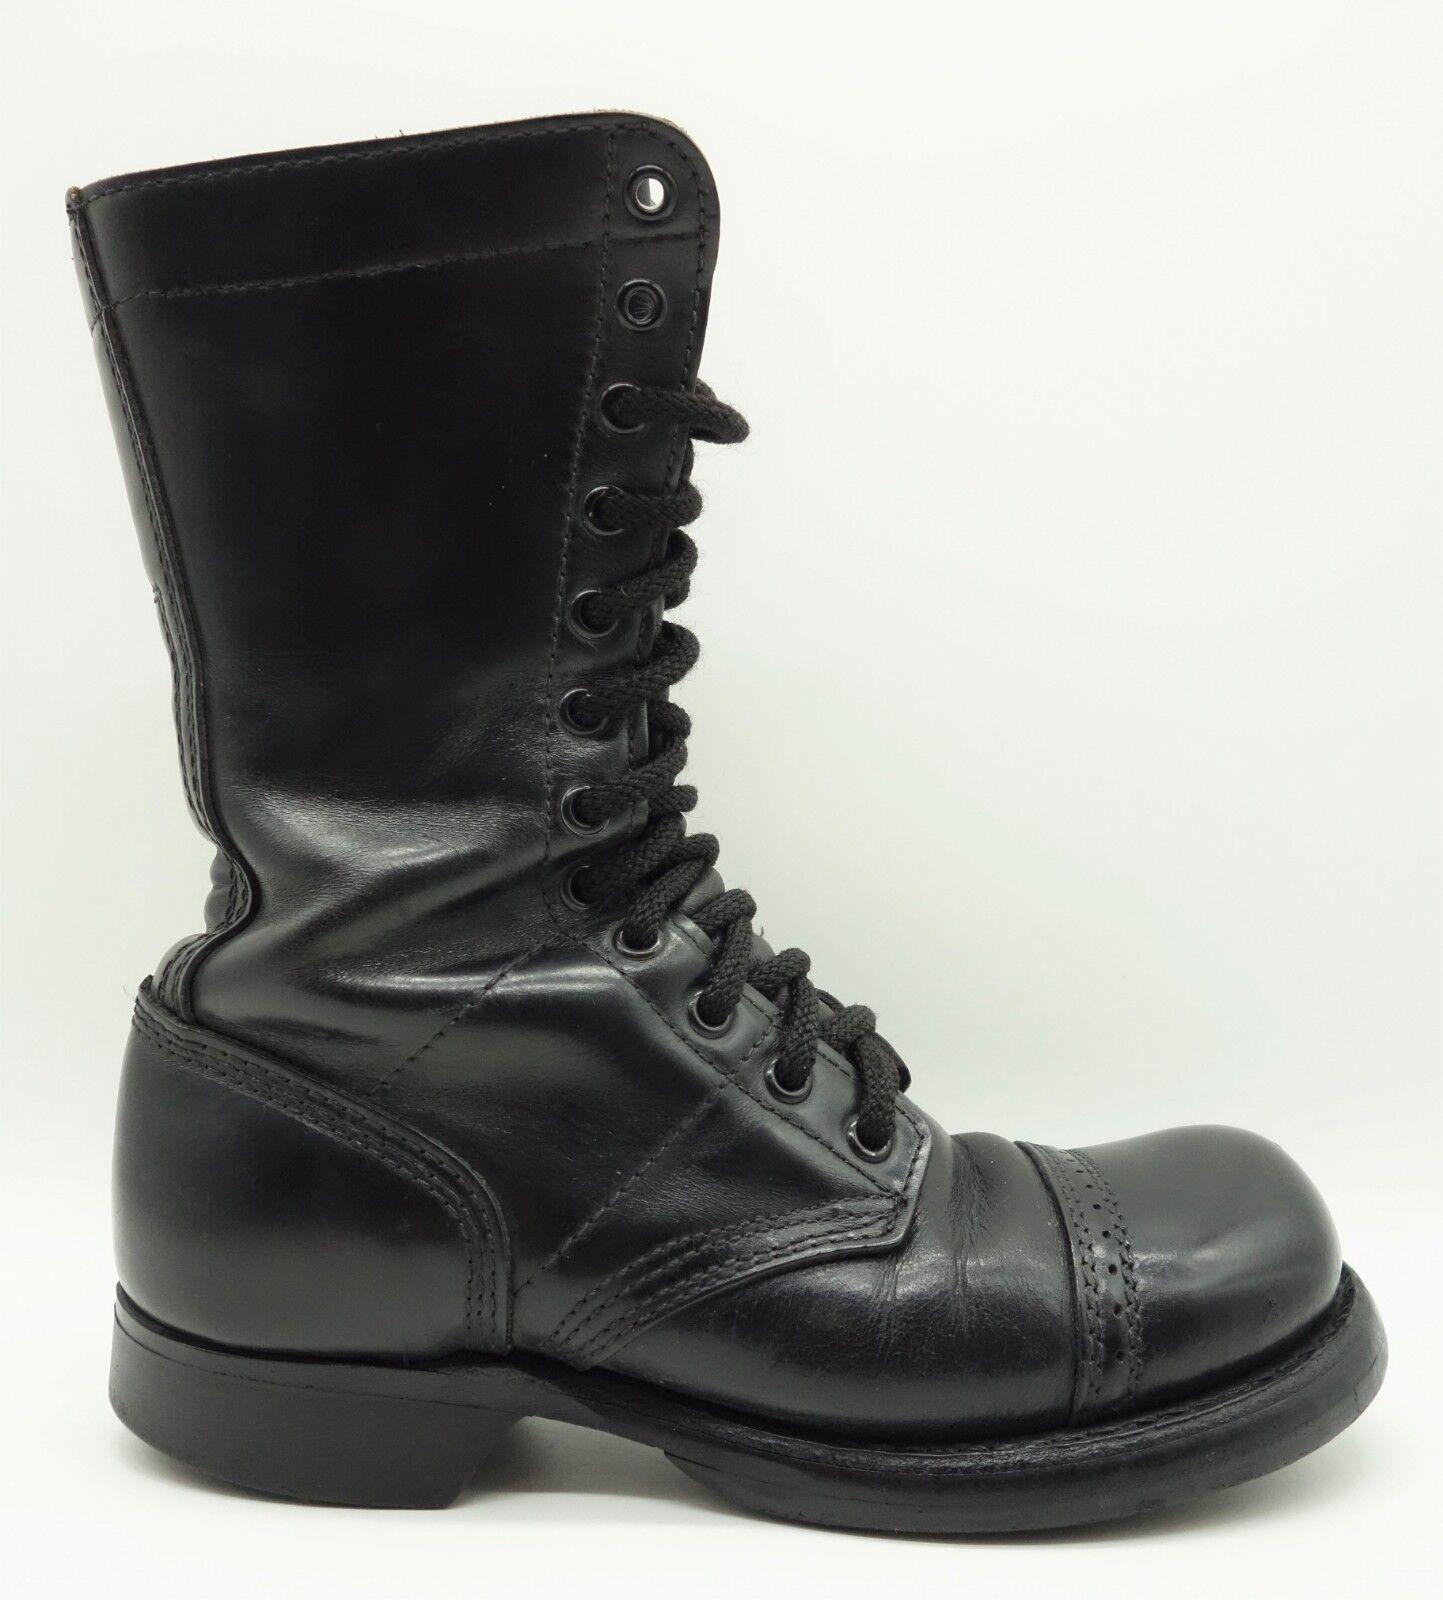 una marca di lusso Corcoran Inc. Inc. Inc. nero Leather Lace Up Steampunk Cap Toe stivali scarpe Donna  6 M  prezzo più economico